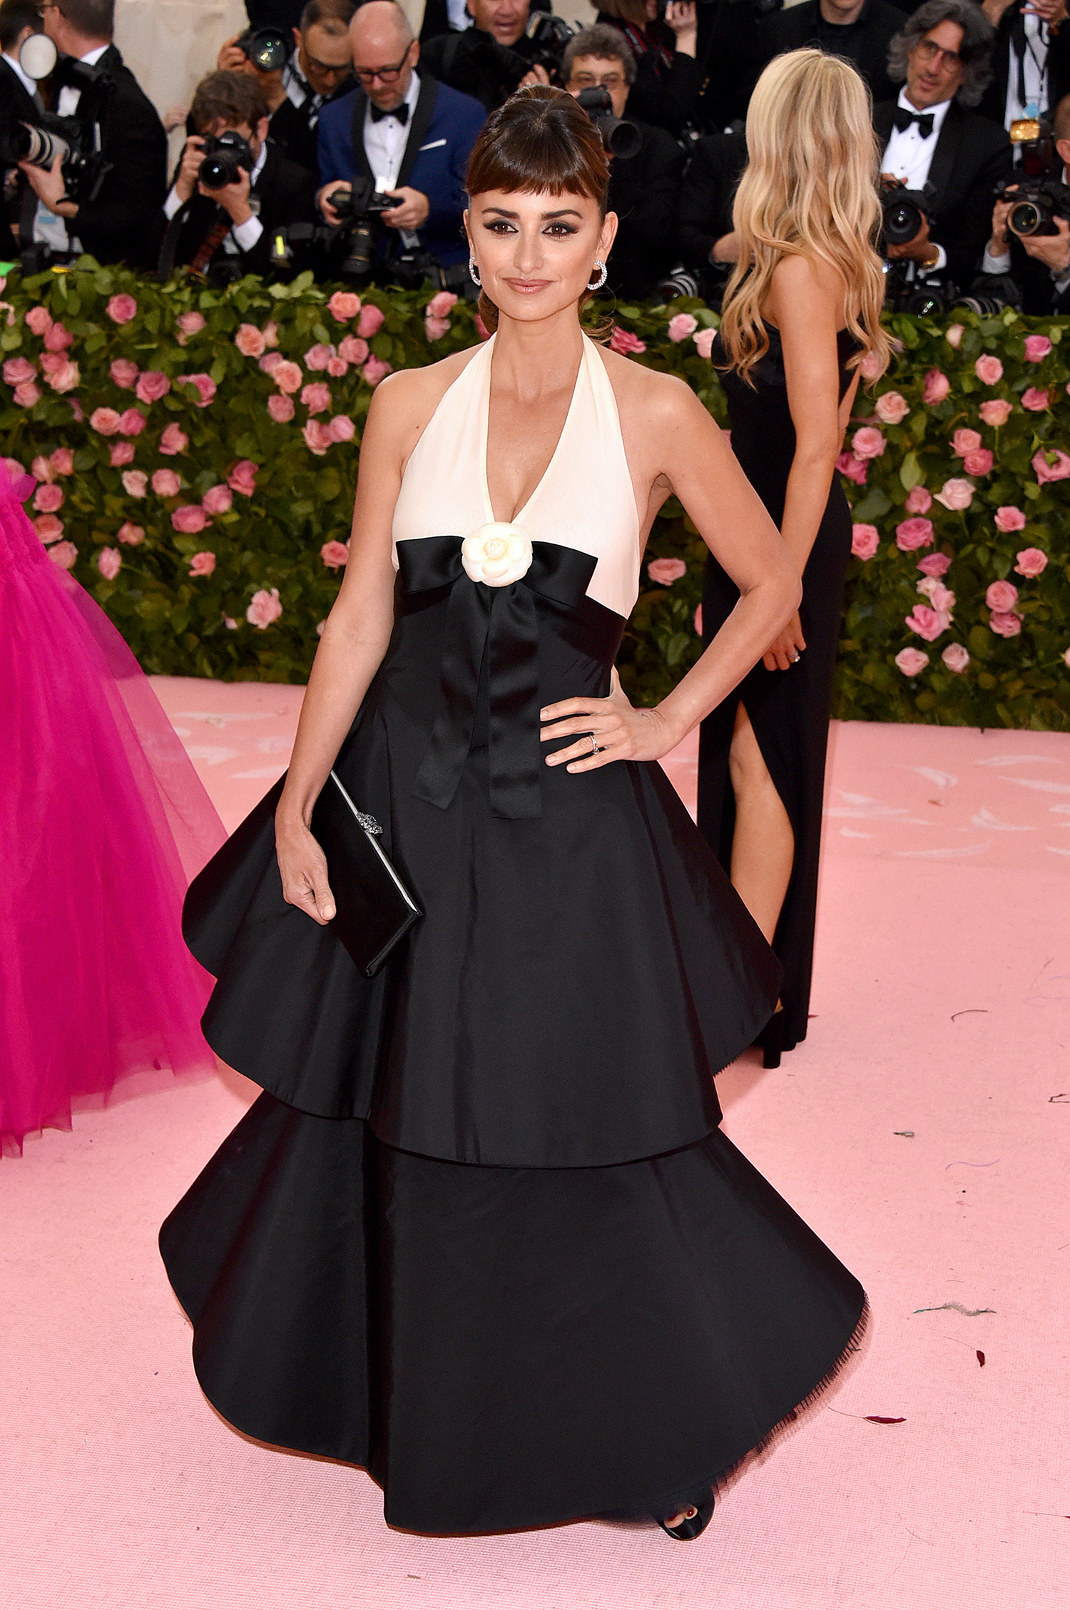 Πενέλοπε Κρουζ στο Met Gala 2019 με Chanel φόρεμα